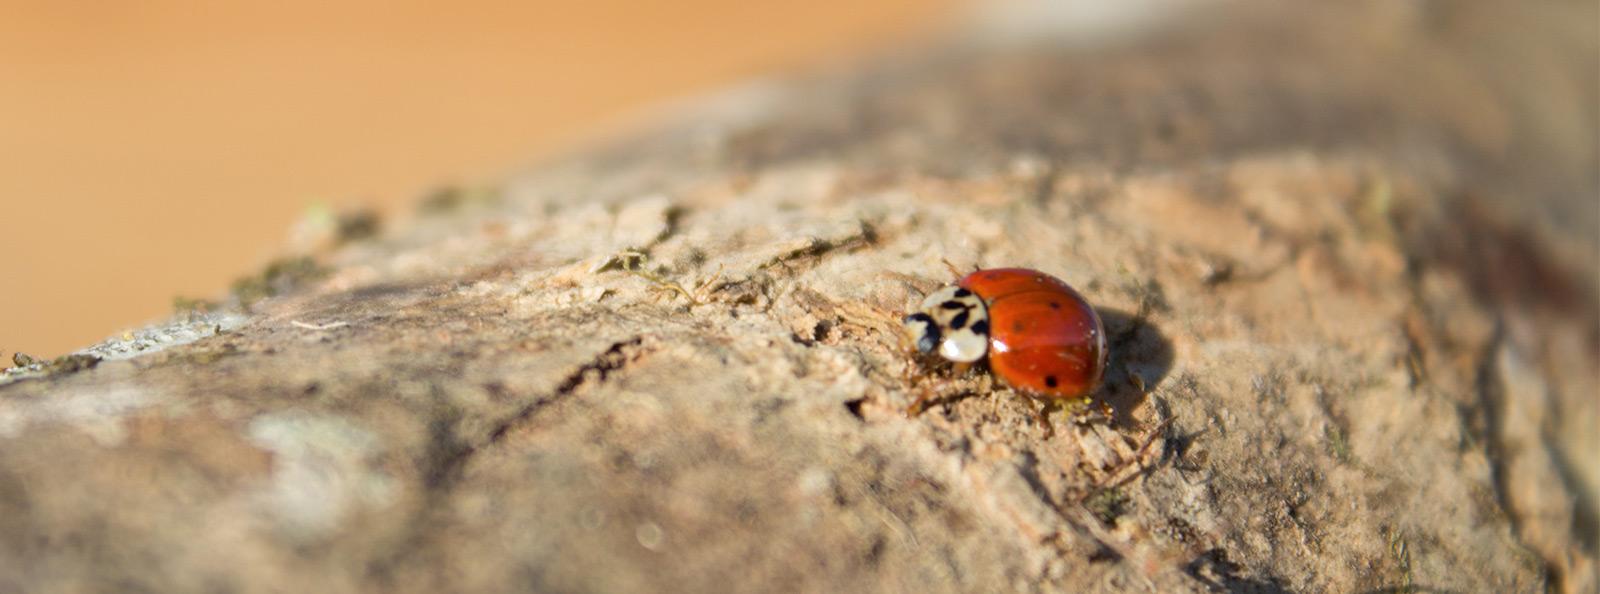 Beetles / Ladybug